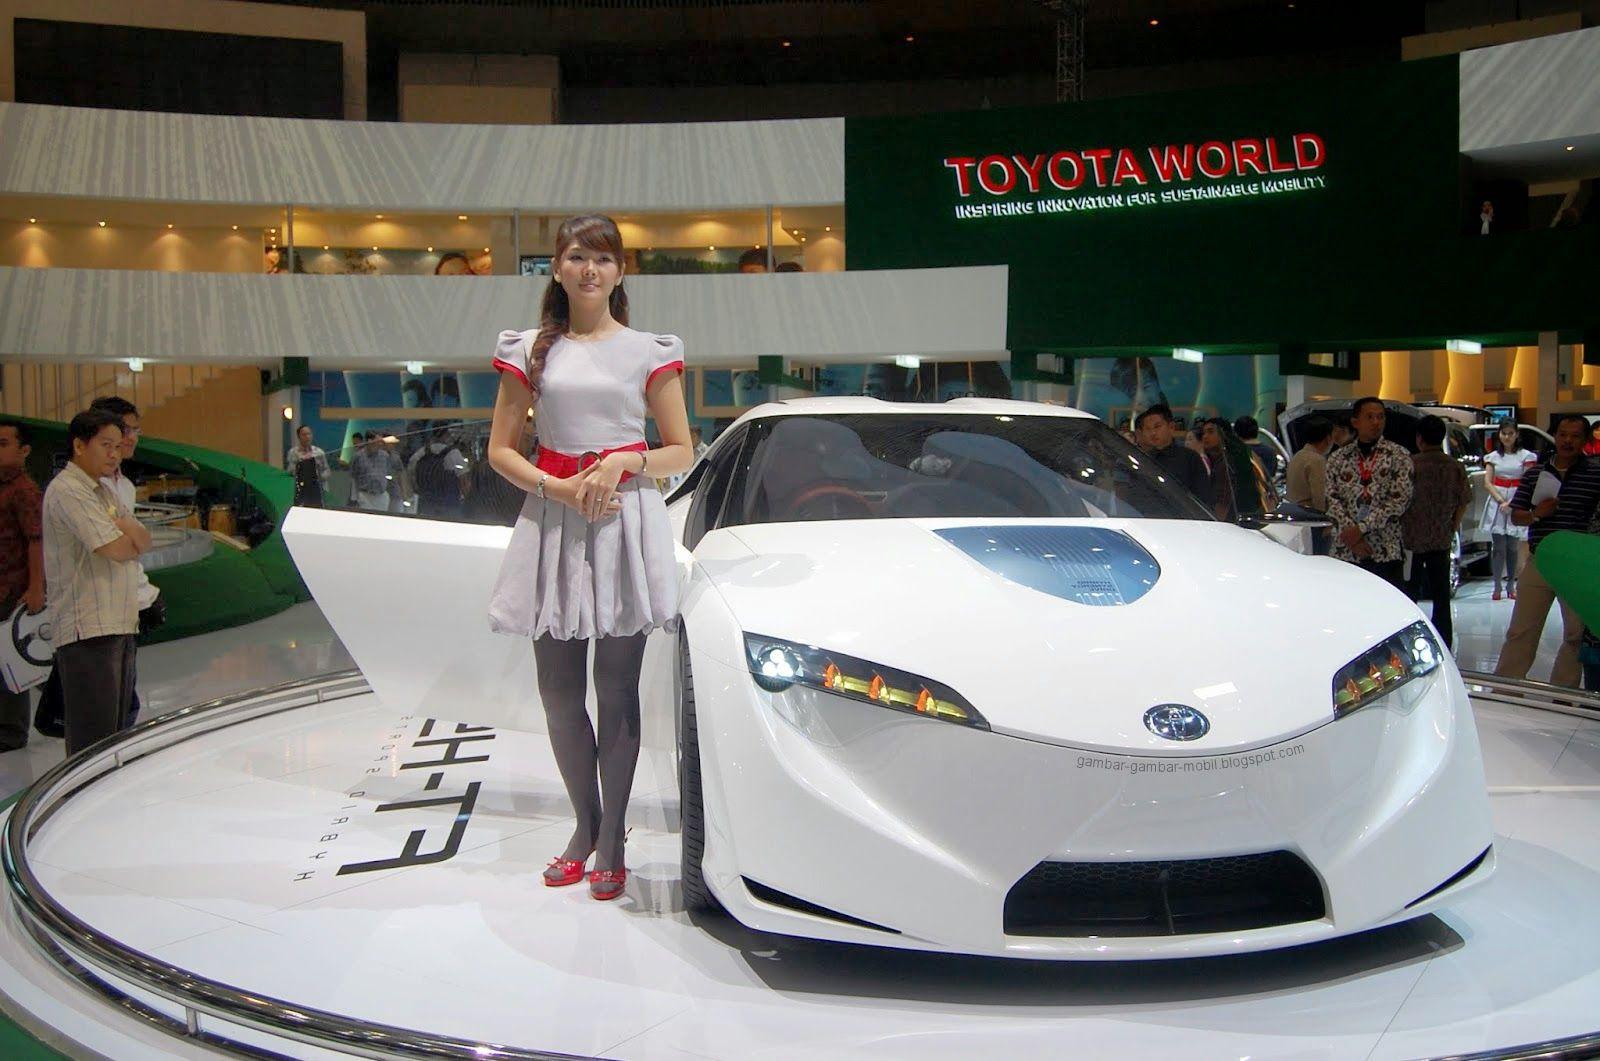 Gambar Mobil Baru Gambar Gambar Mobil Lamborghini Gallardo Mobil Baru Mobil